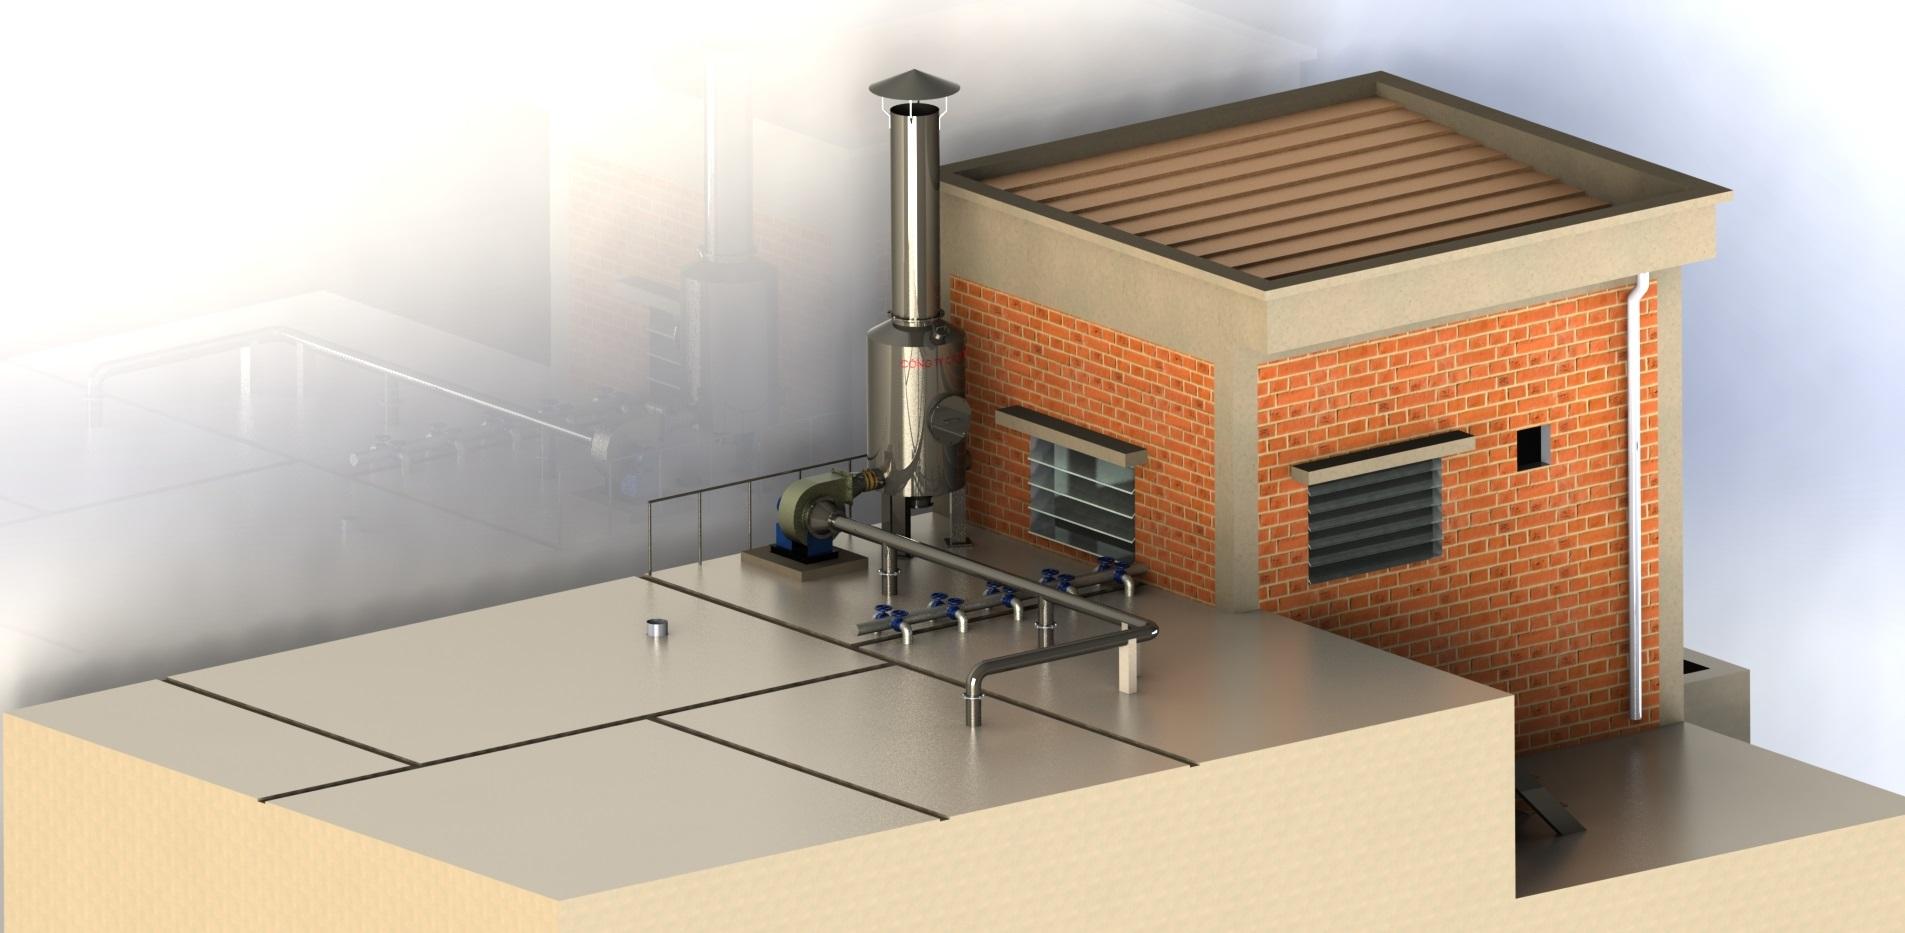 Kiểm soát và loại bỏ mùi hôi từ hệ thống xử lý nước thải